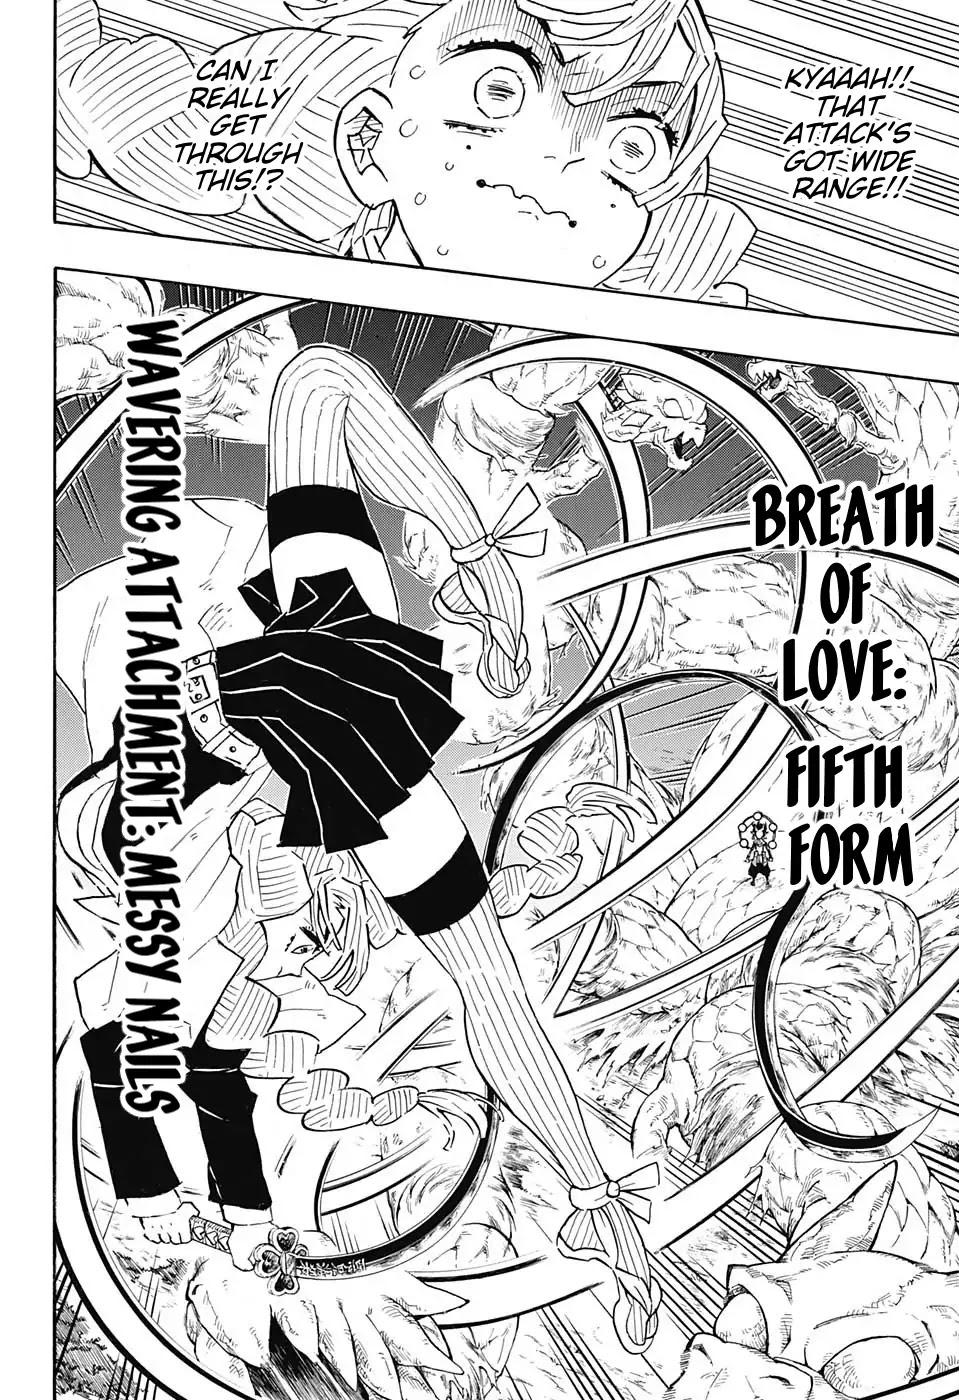 Demon Slayer Kimetsu No Yaiba Manga Ot Set Your Heart Ablaze Ot Resetera Mitsuri kanroji taking it (i.redd.it). demon slayer kimetsu no yaiba manga